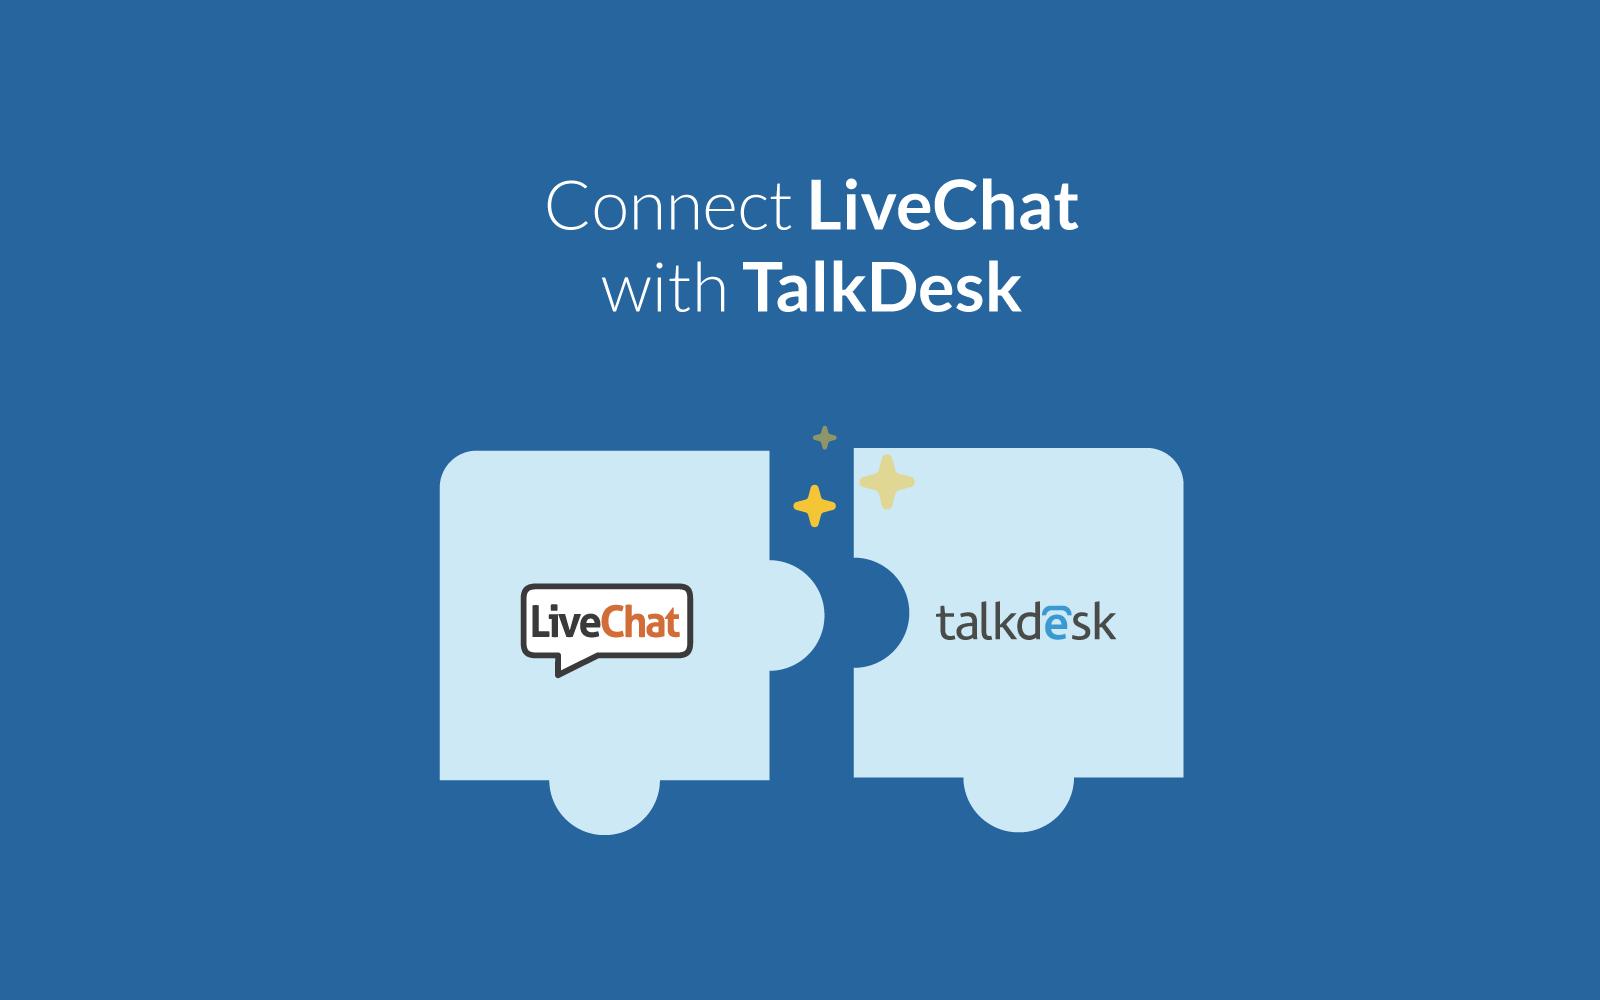 TalkDesk integration